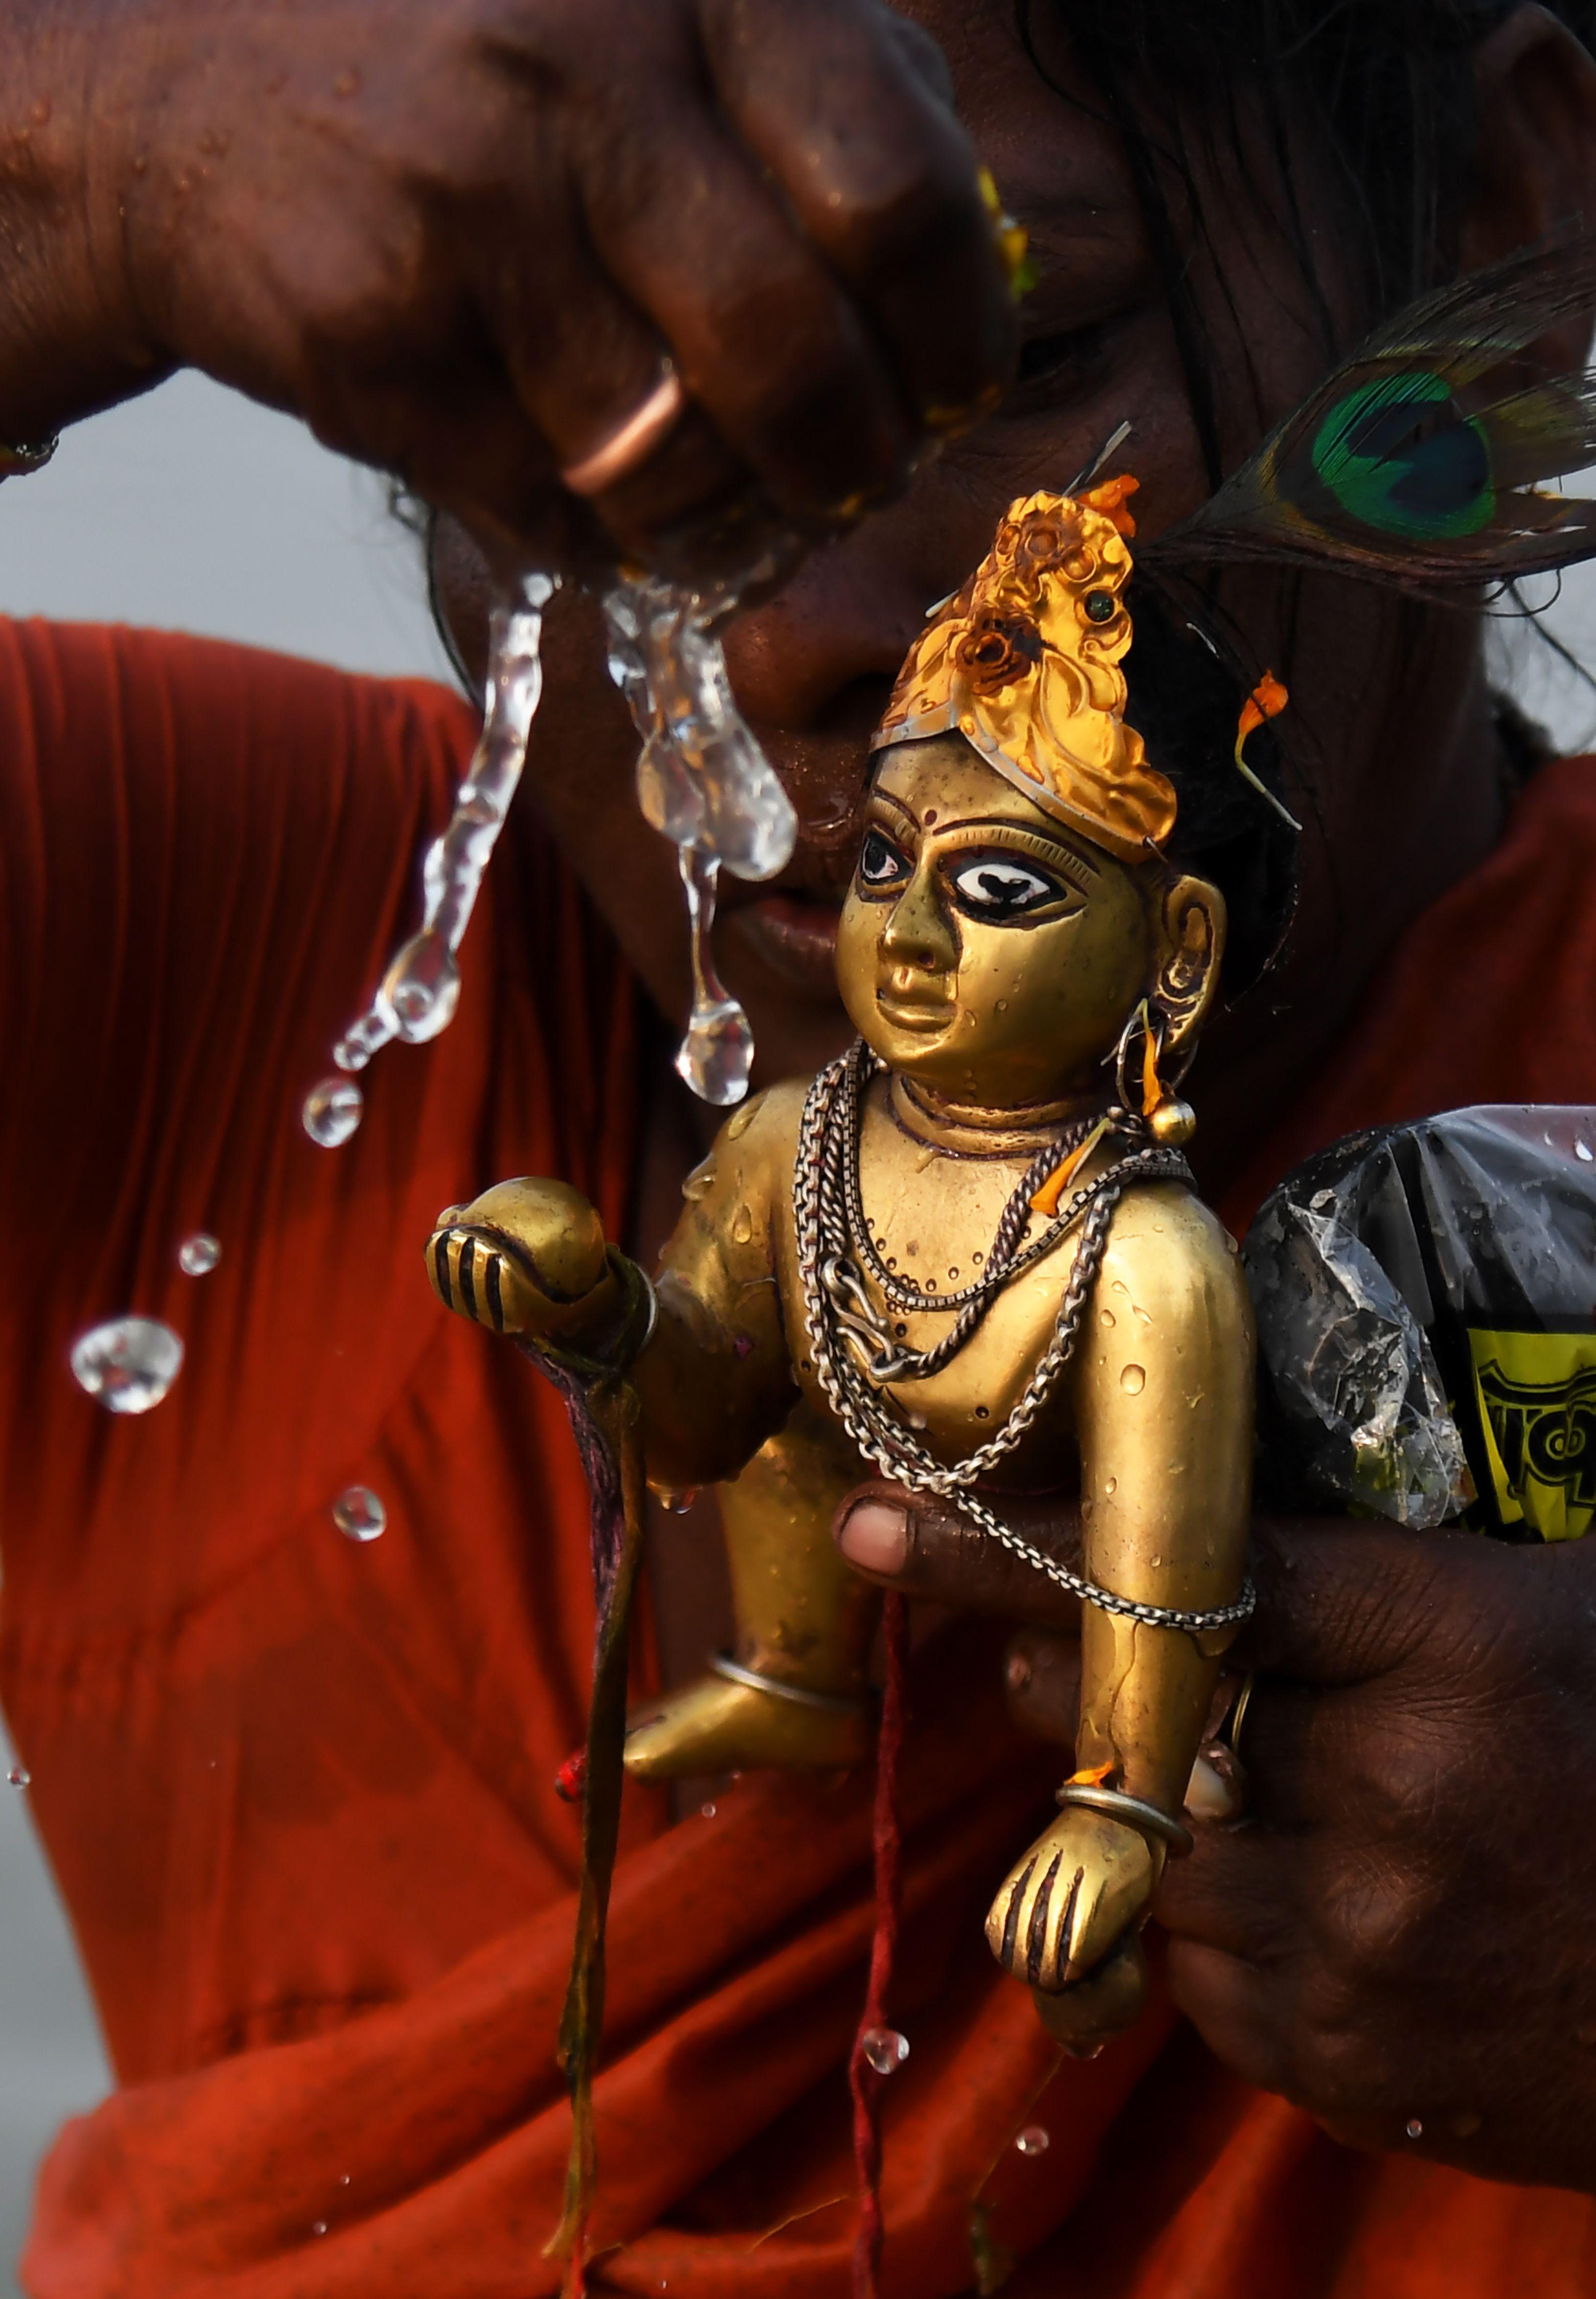 طقوس الهندوس خلال الاحتفالات